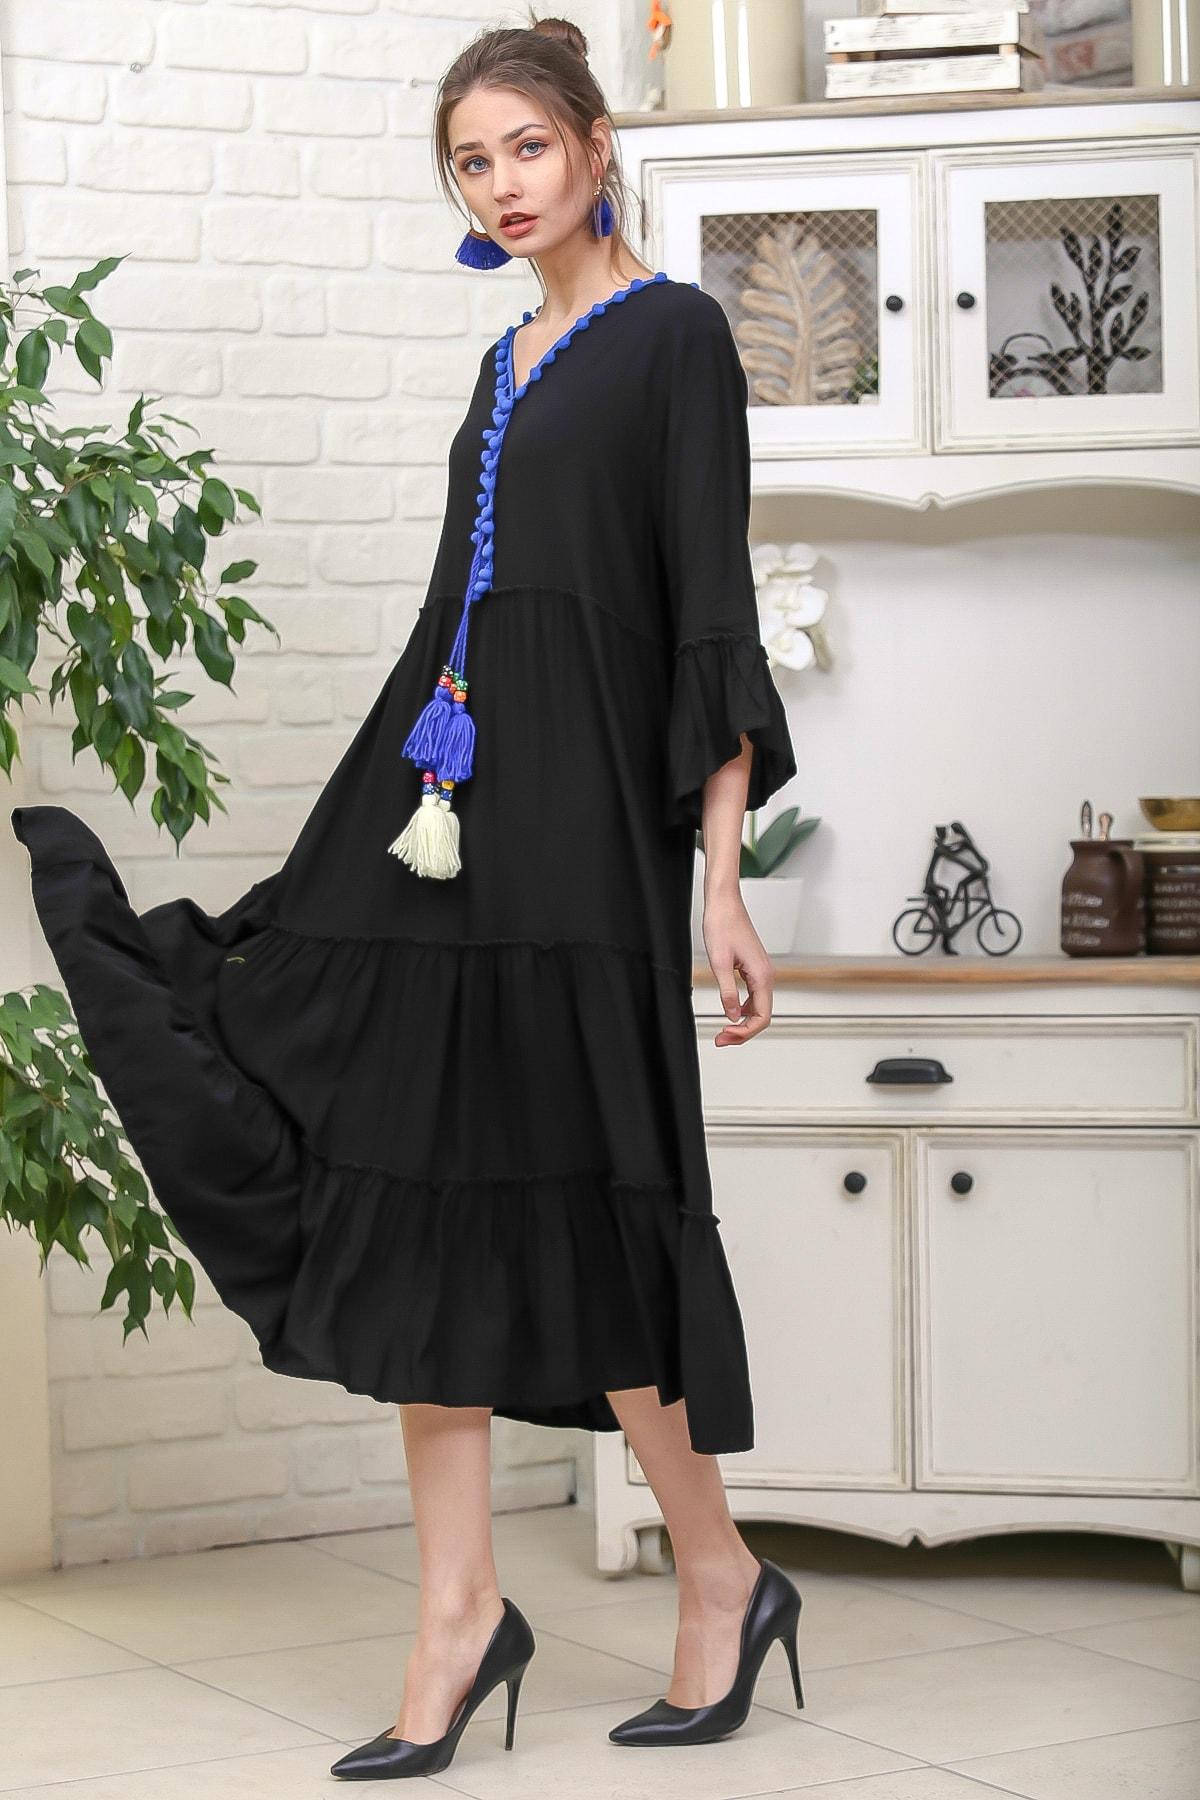 Chiccy Kadın Siyah-Mavi V Yaka Ponpon Detaylı Püsküllü Bağcıklı Salaş Dokuma Elbise M10160000EL95931 2